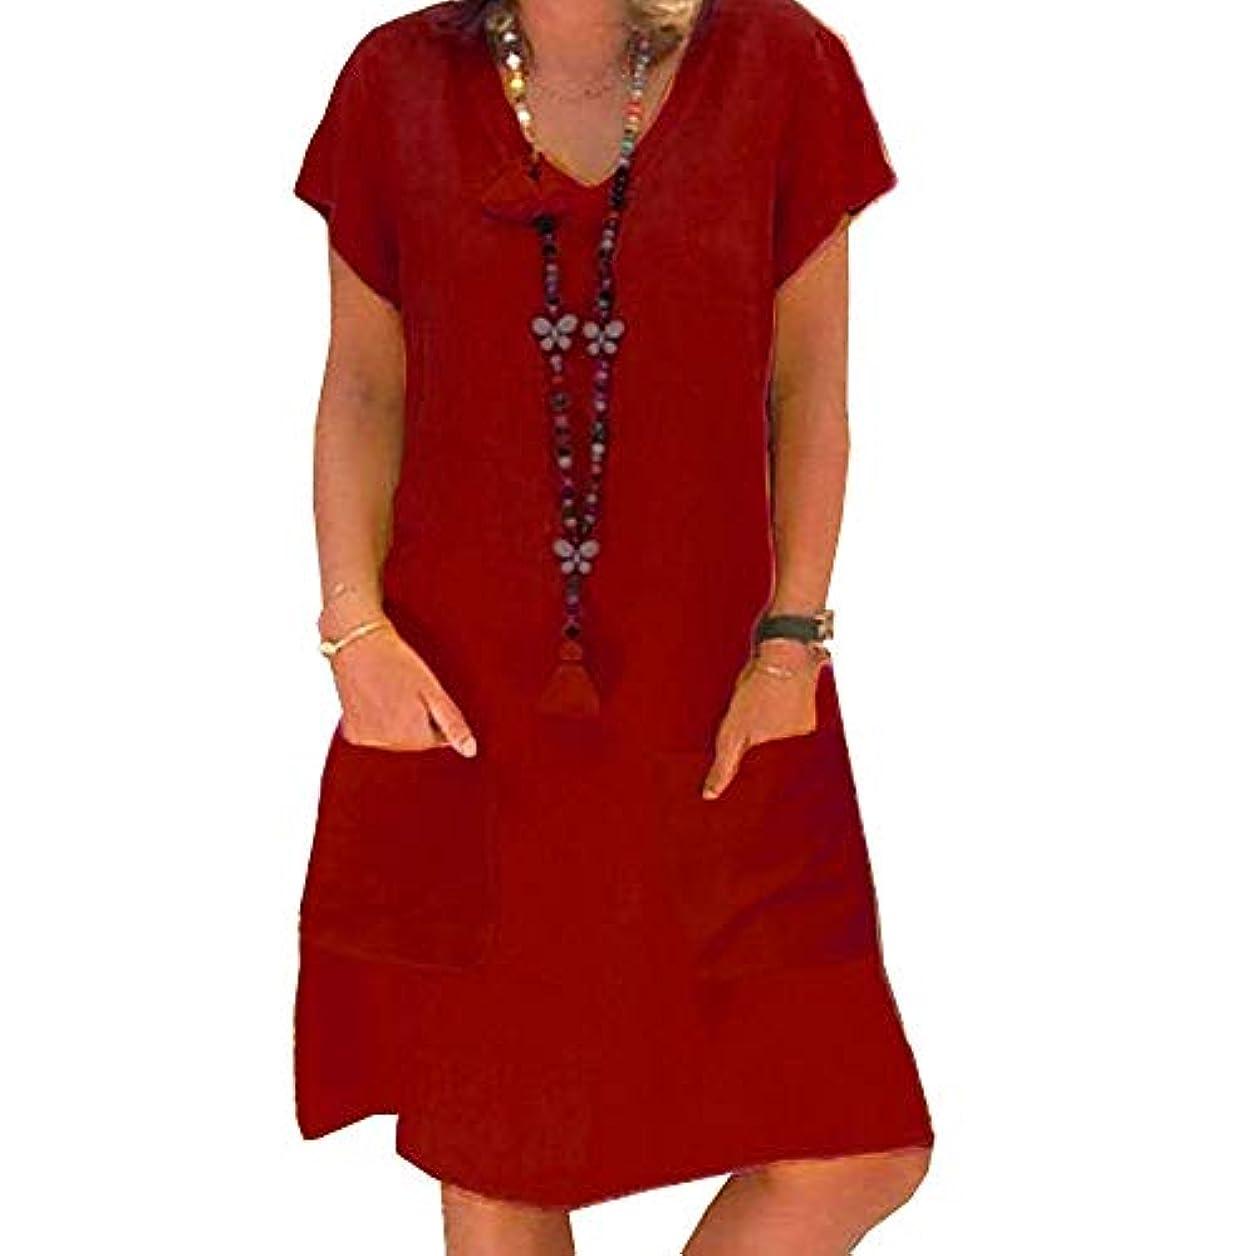 モネ軌道適度なMIFAN プラスサイズ、リネンドレス、サマードレス、カジュアルドレス、ルーズドレス、Vネック、半袖、ビーチドレス